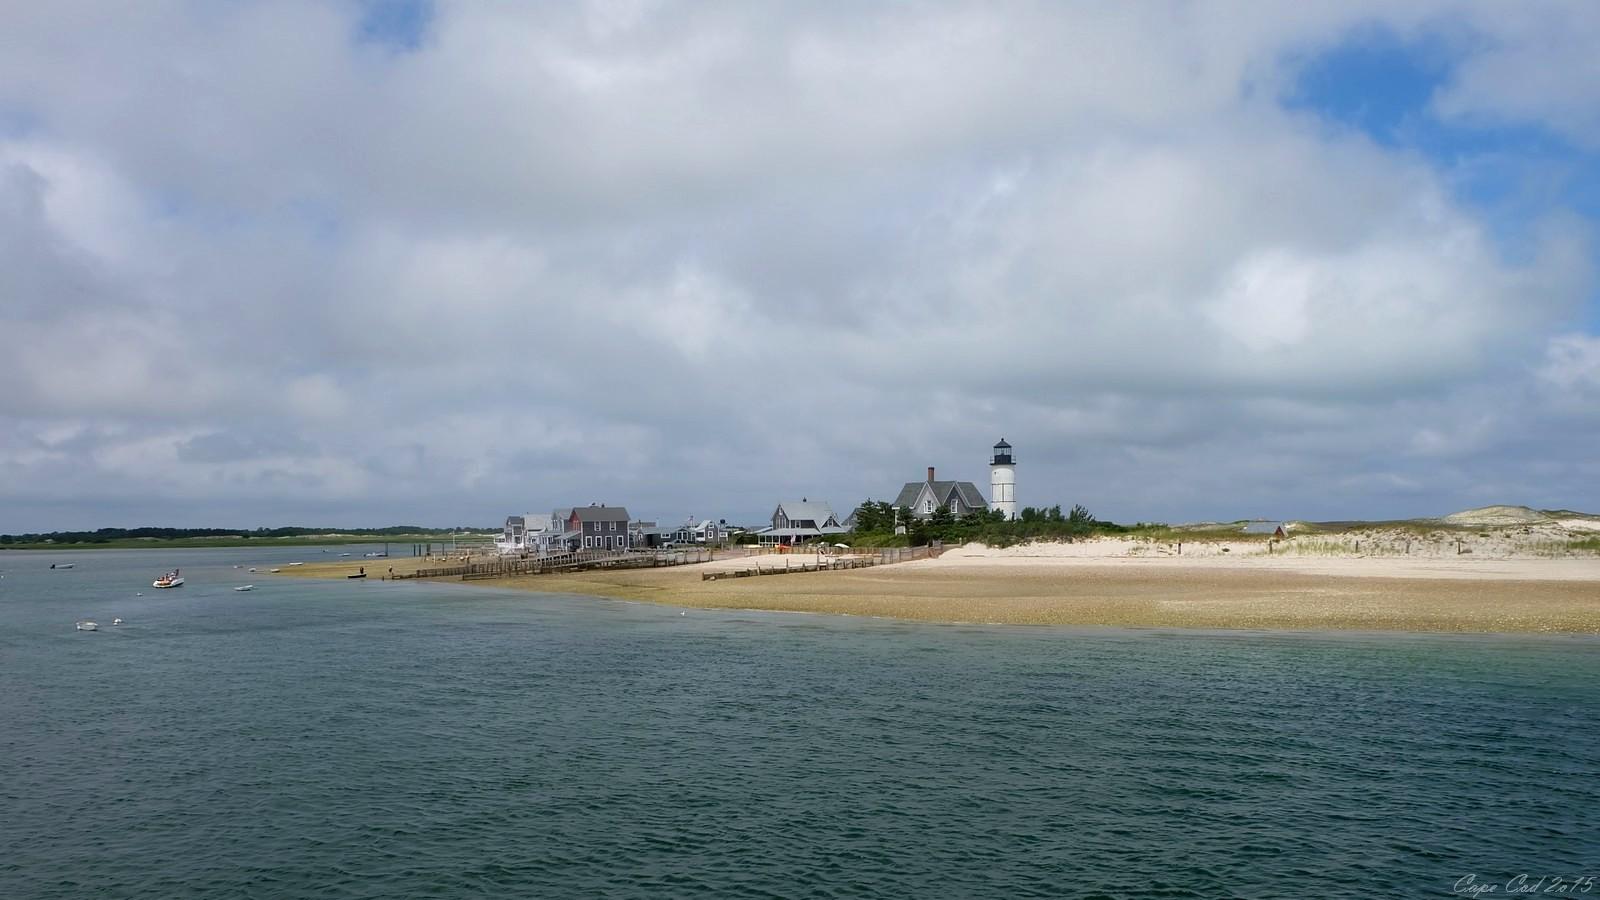 Cape Cod, MA, USA